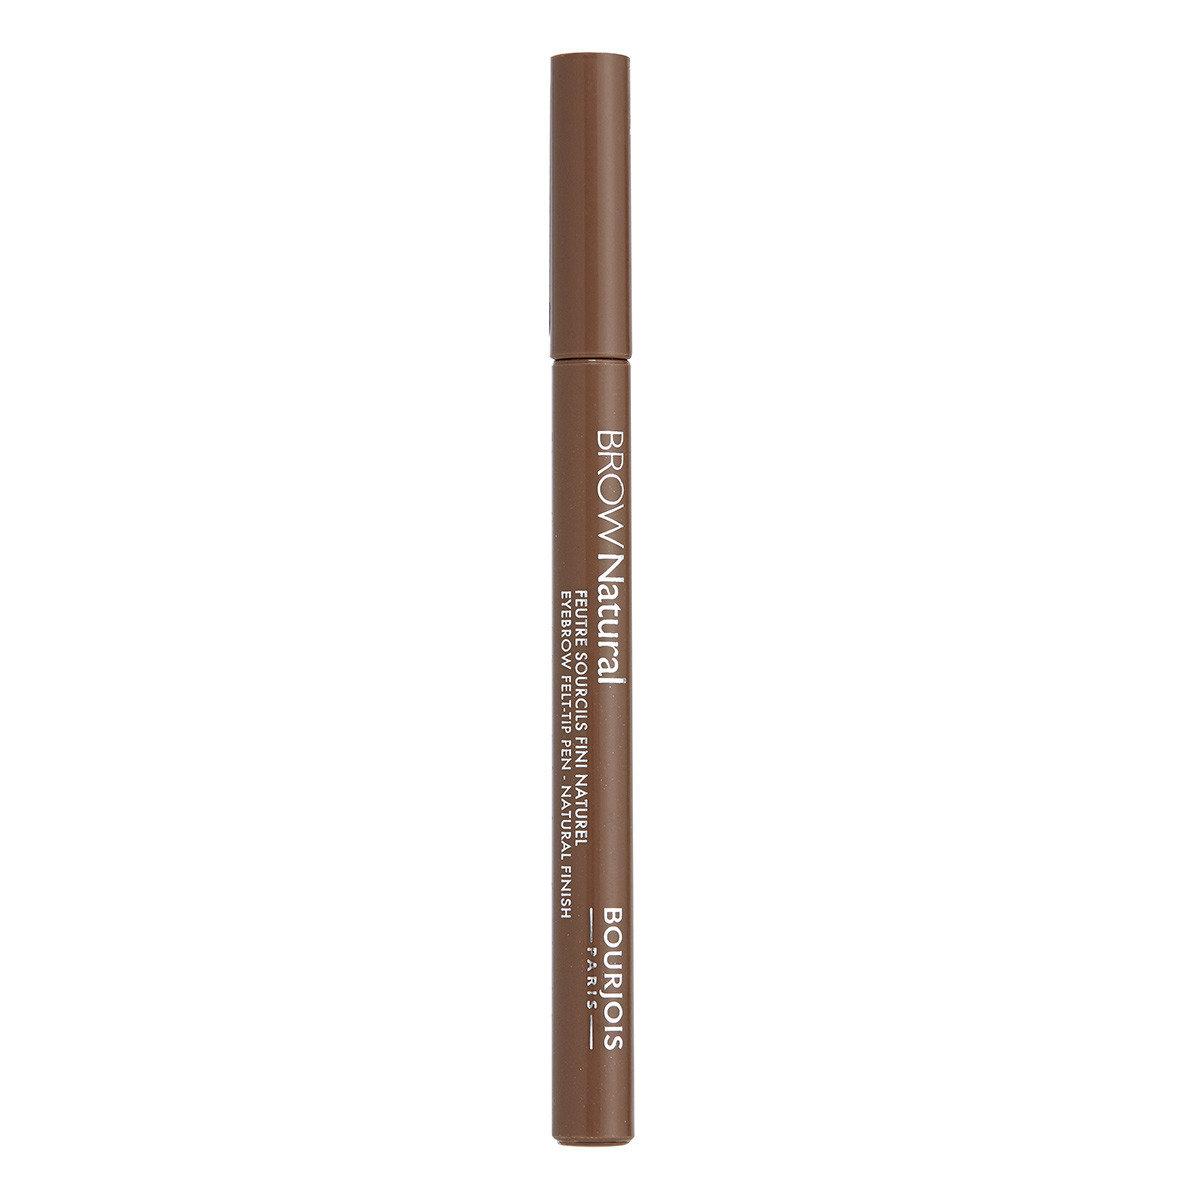 超自然眉筆液 T23 深棕色